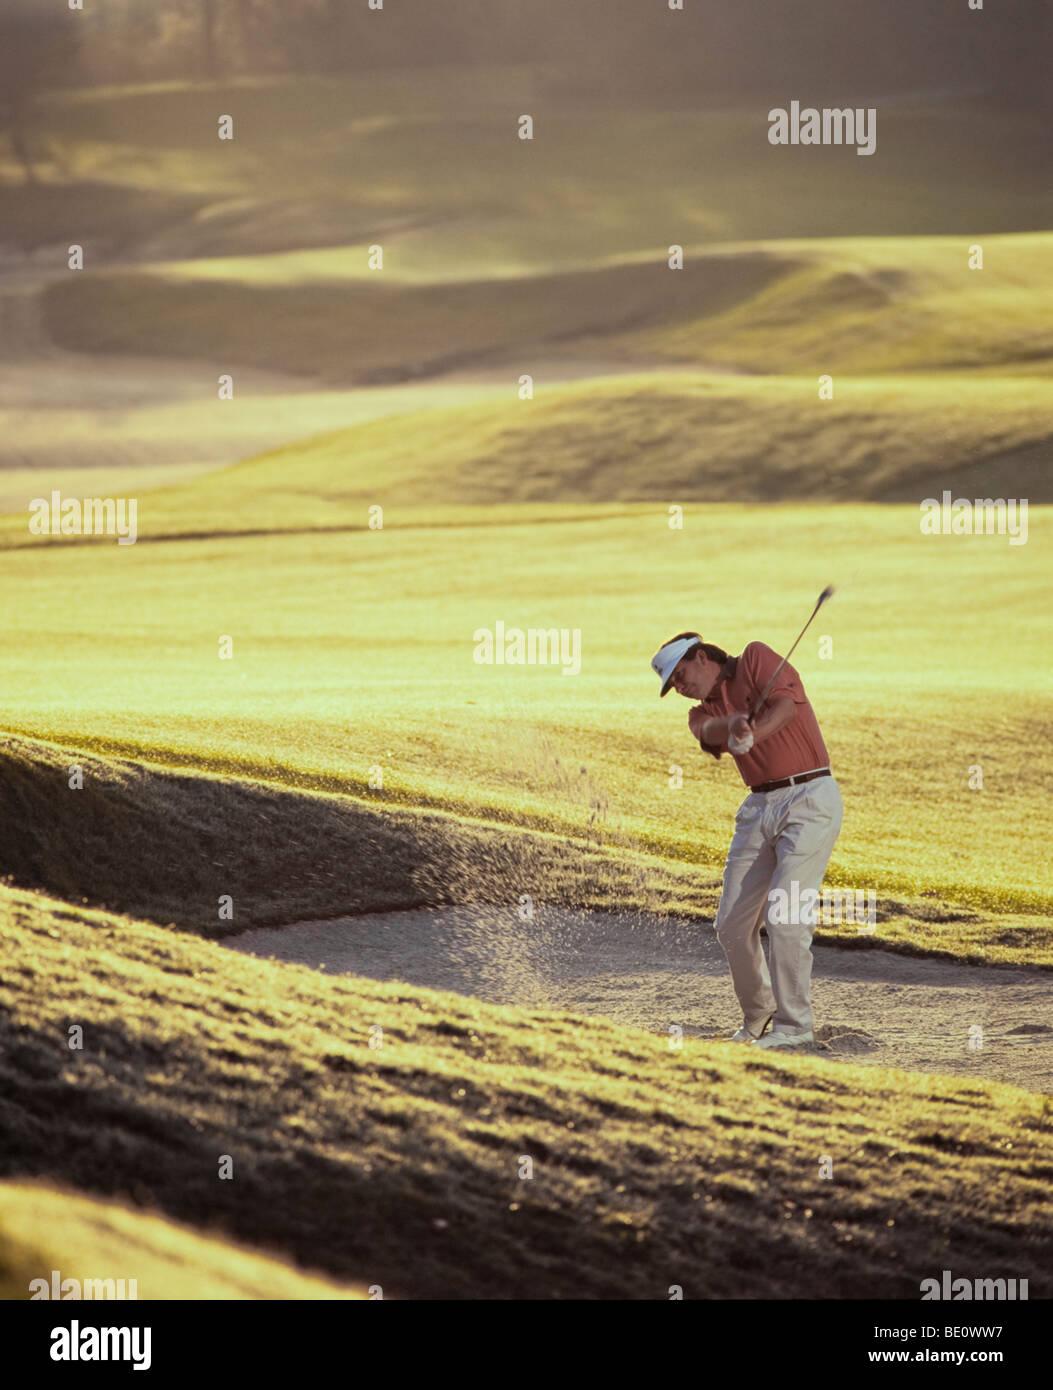 Hombre golfista astillado de trampa de arena Imagen De Stock